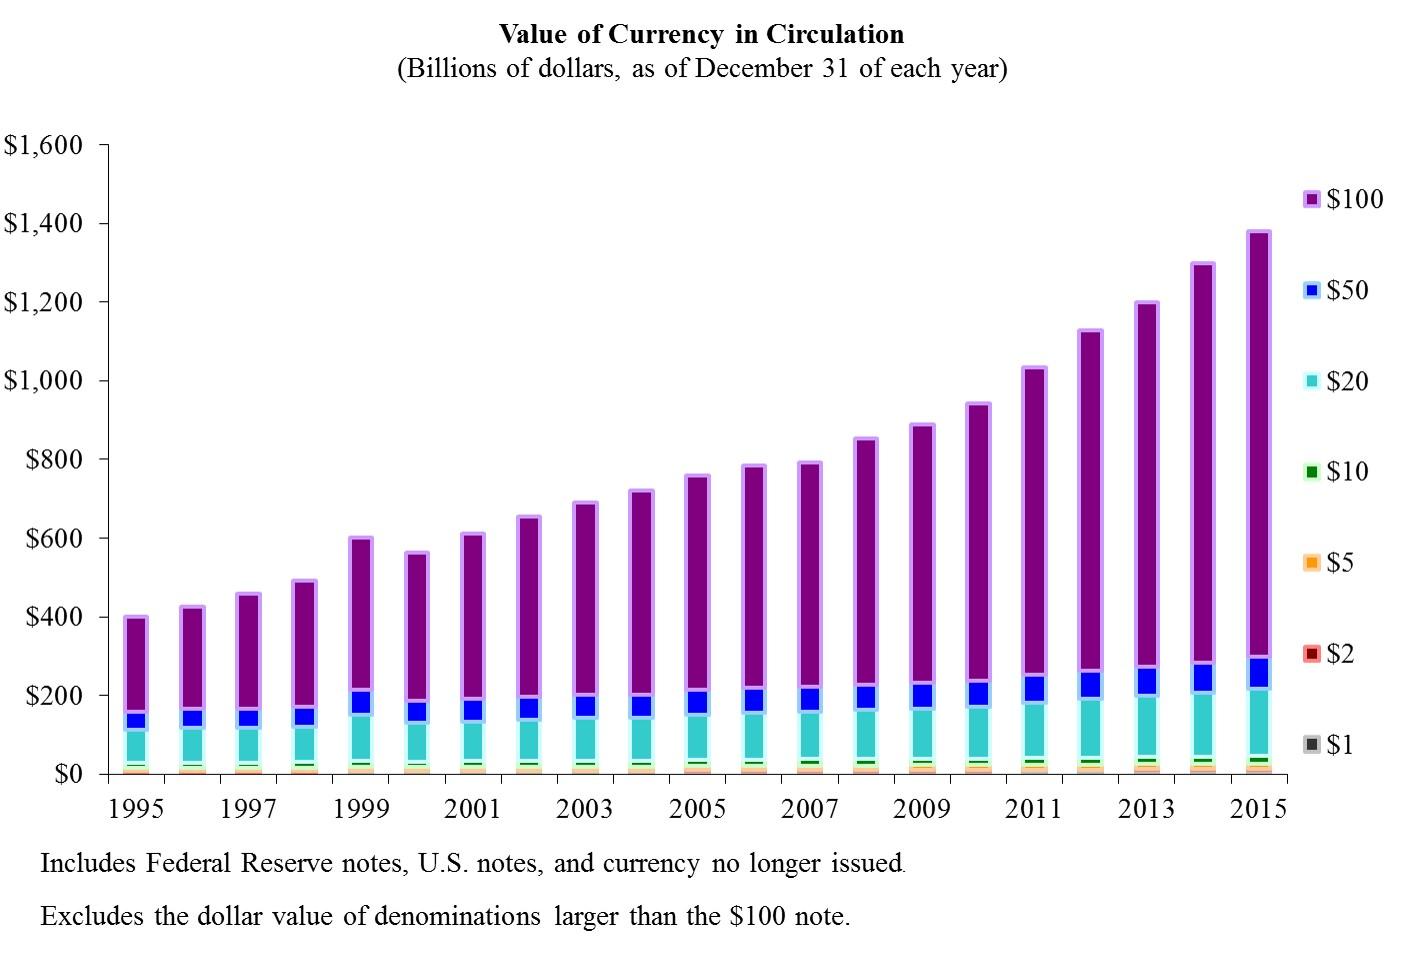 Dólares em circulção por tipo de nota